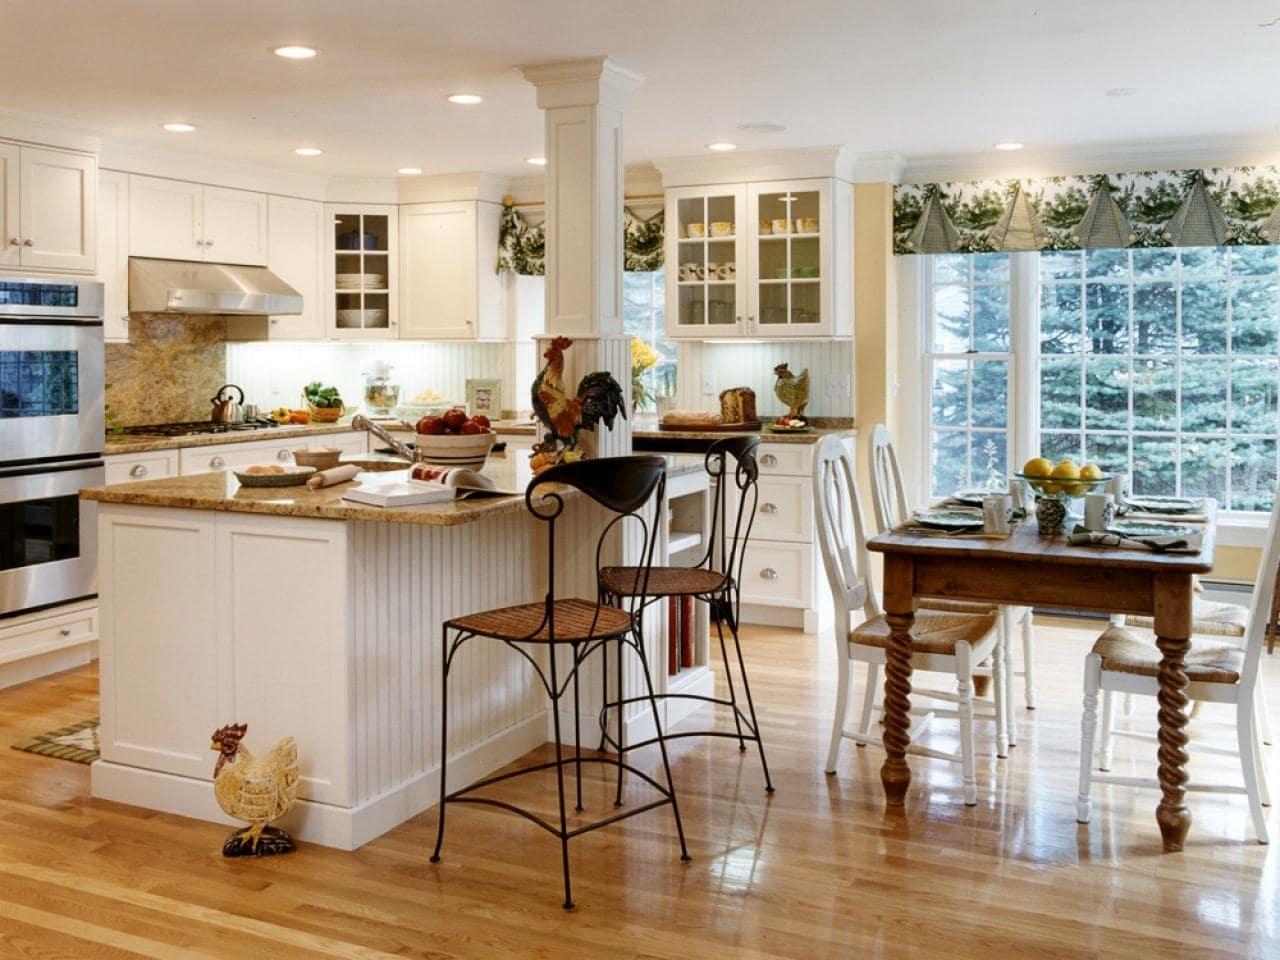 thiết kế nội thất phong cách đồng quê cho nhà bếp